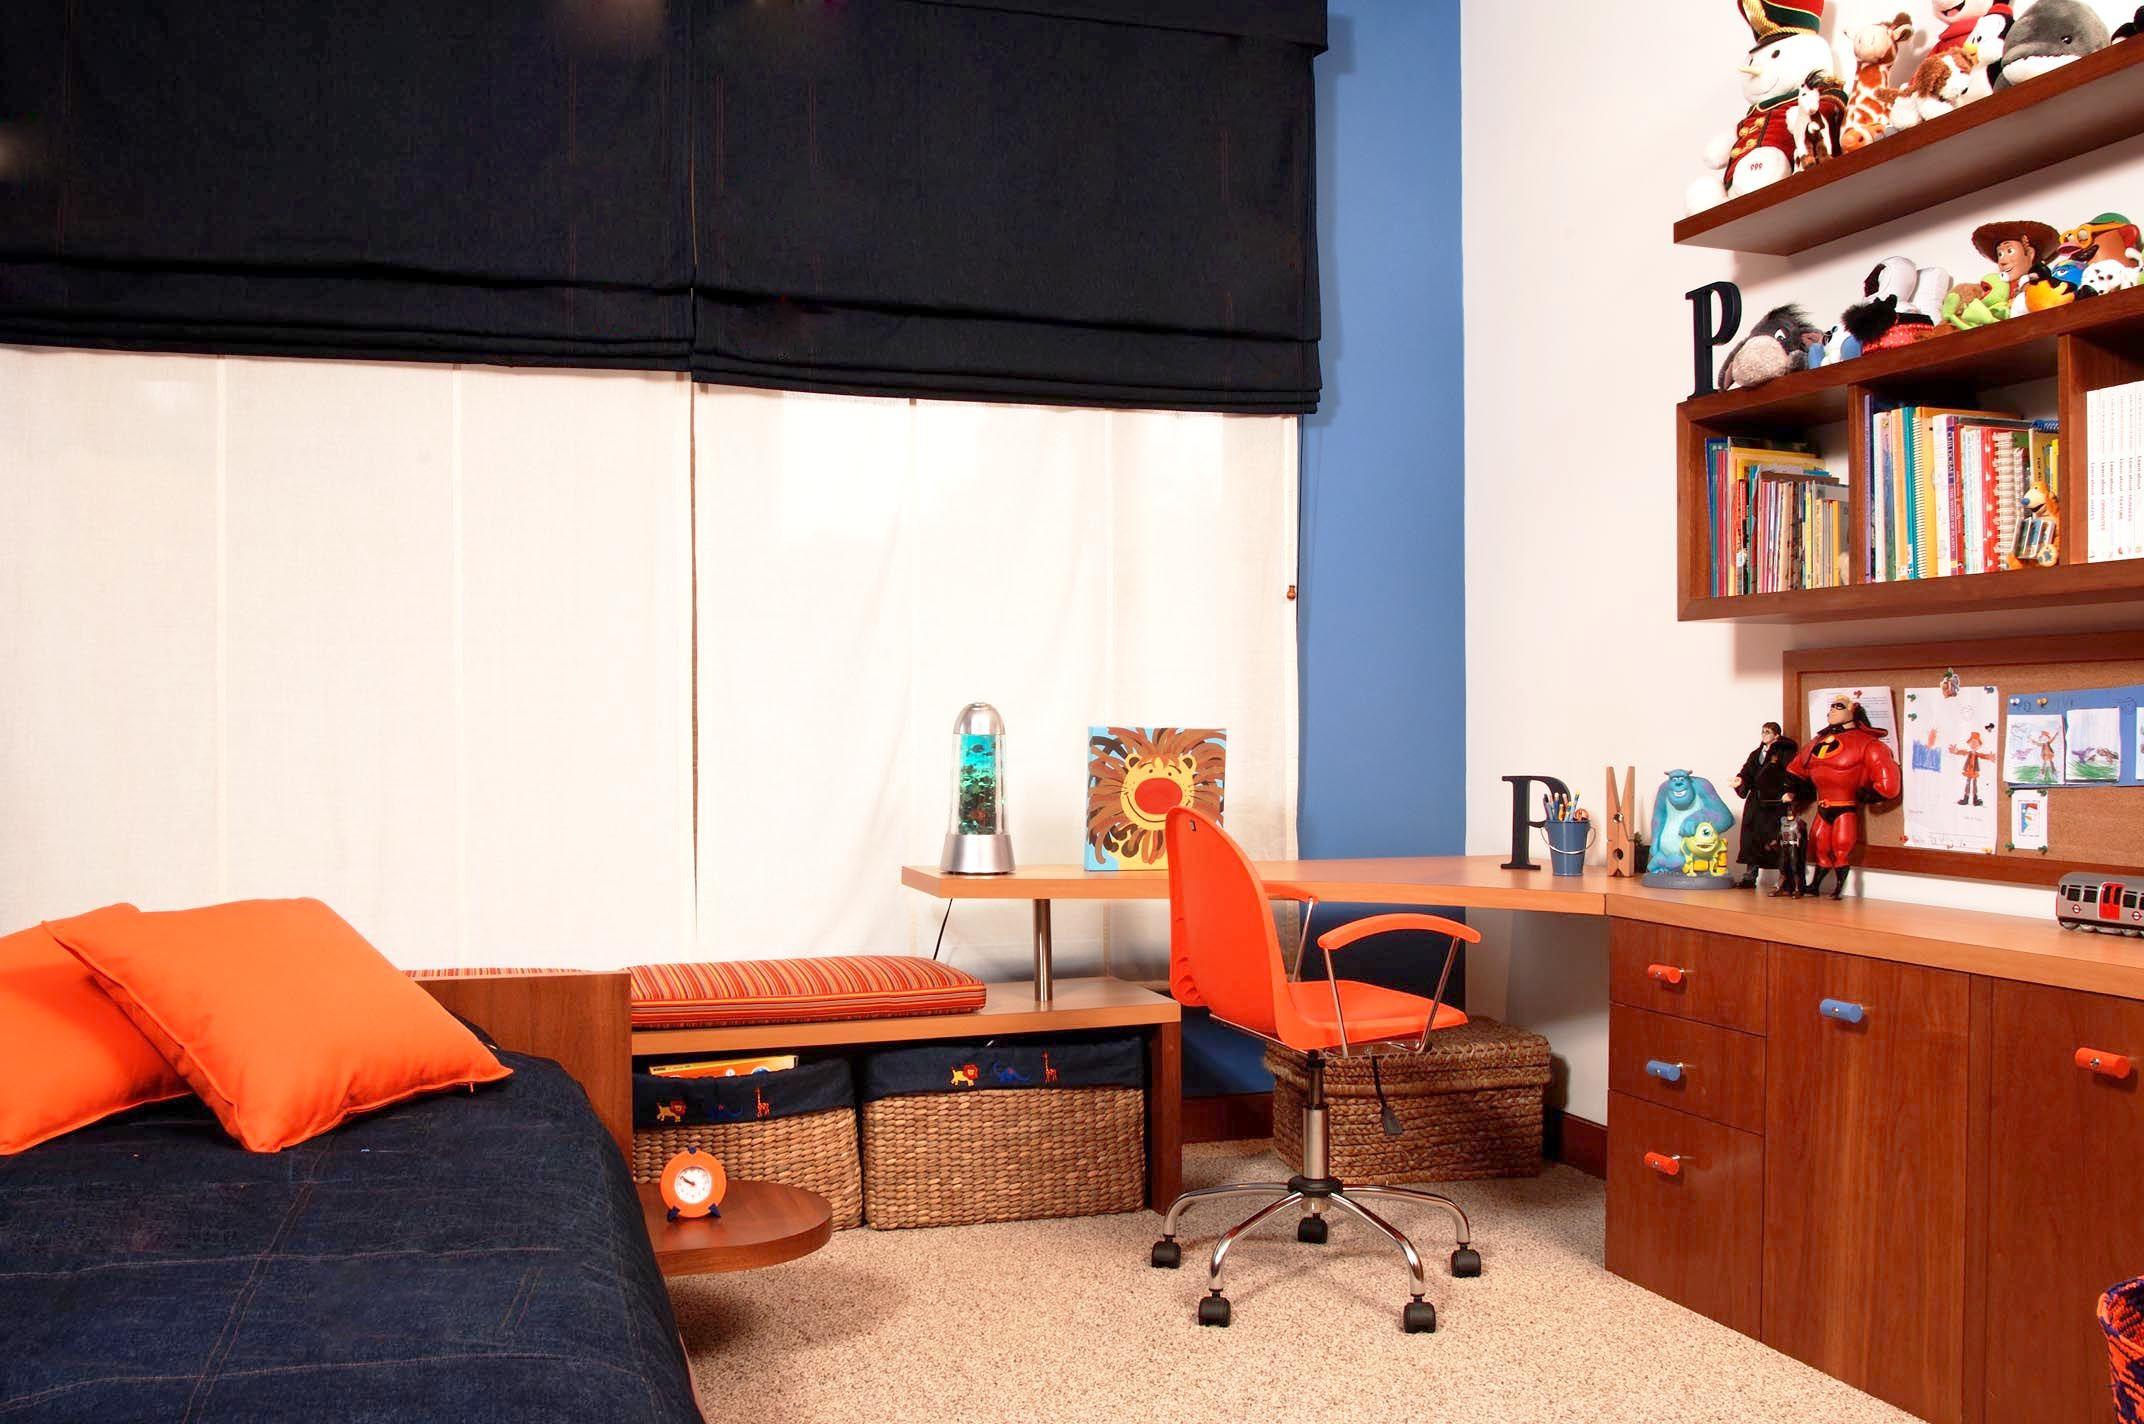 Muebles Via Joven - Alcoba Ni O Muebles Especiales Para Ni O O Joven Dise O Interior [mjhdah]https://i.pinimg.com/originals/06/d8/f1/06d8f152137b74067b39a3afefad0209.jpg